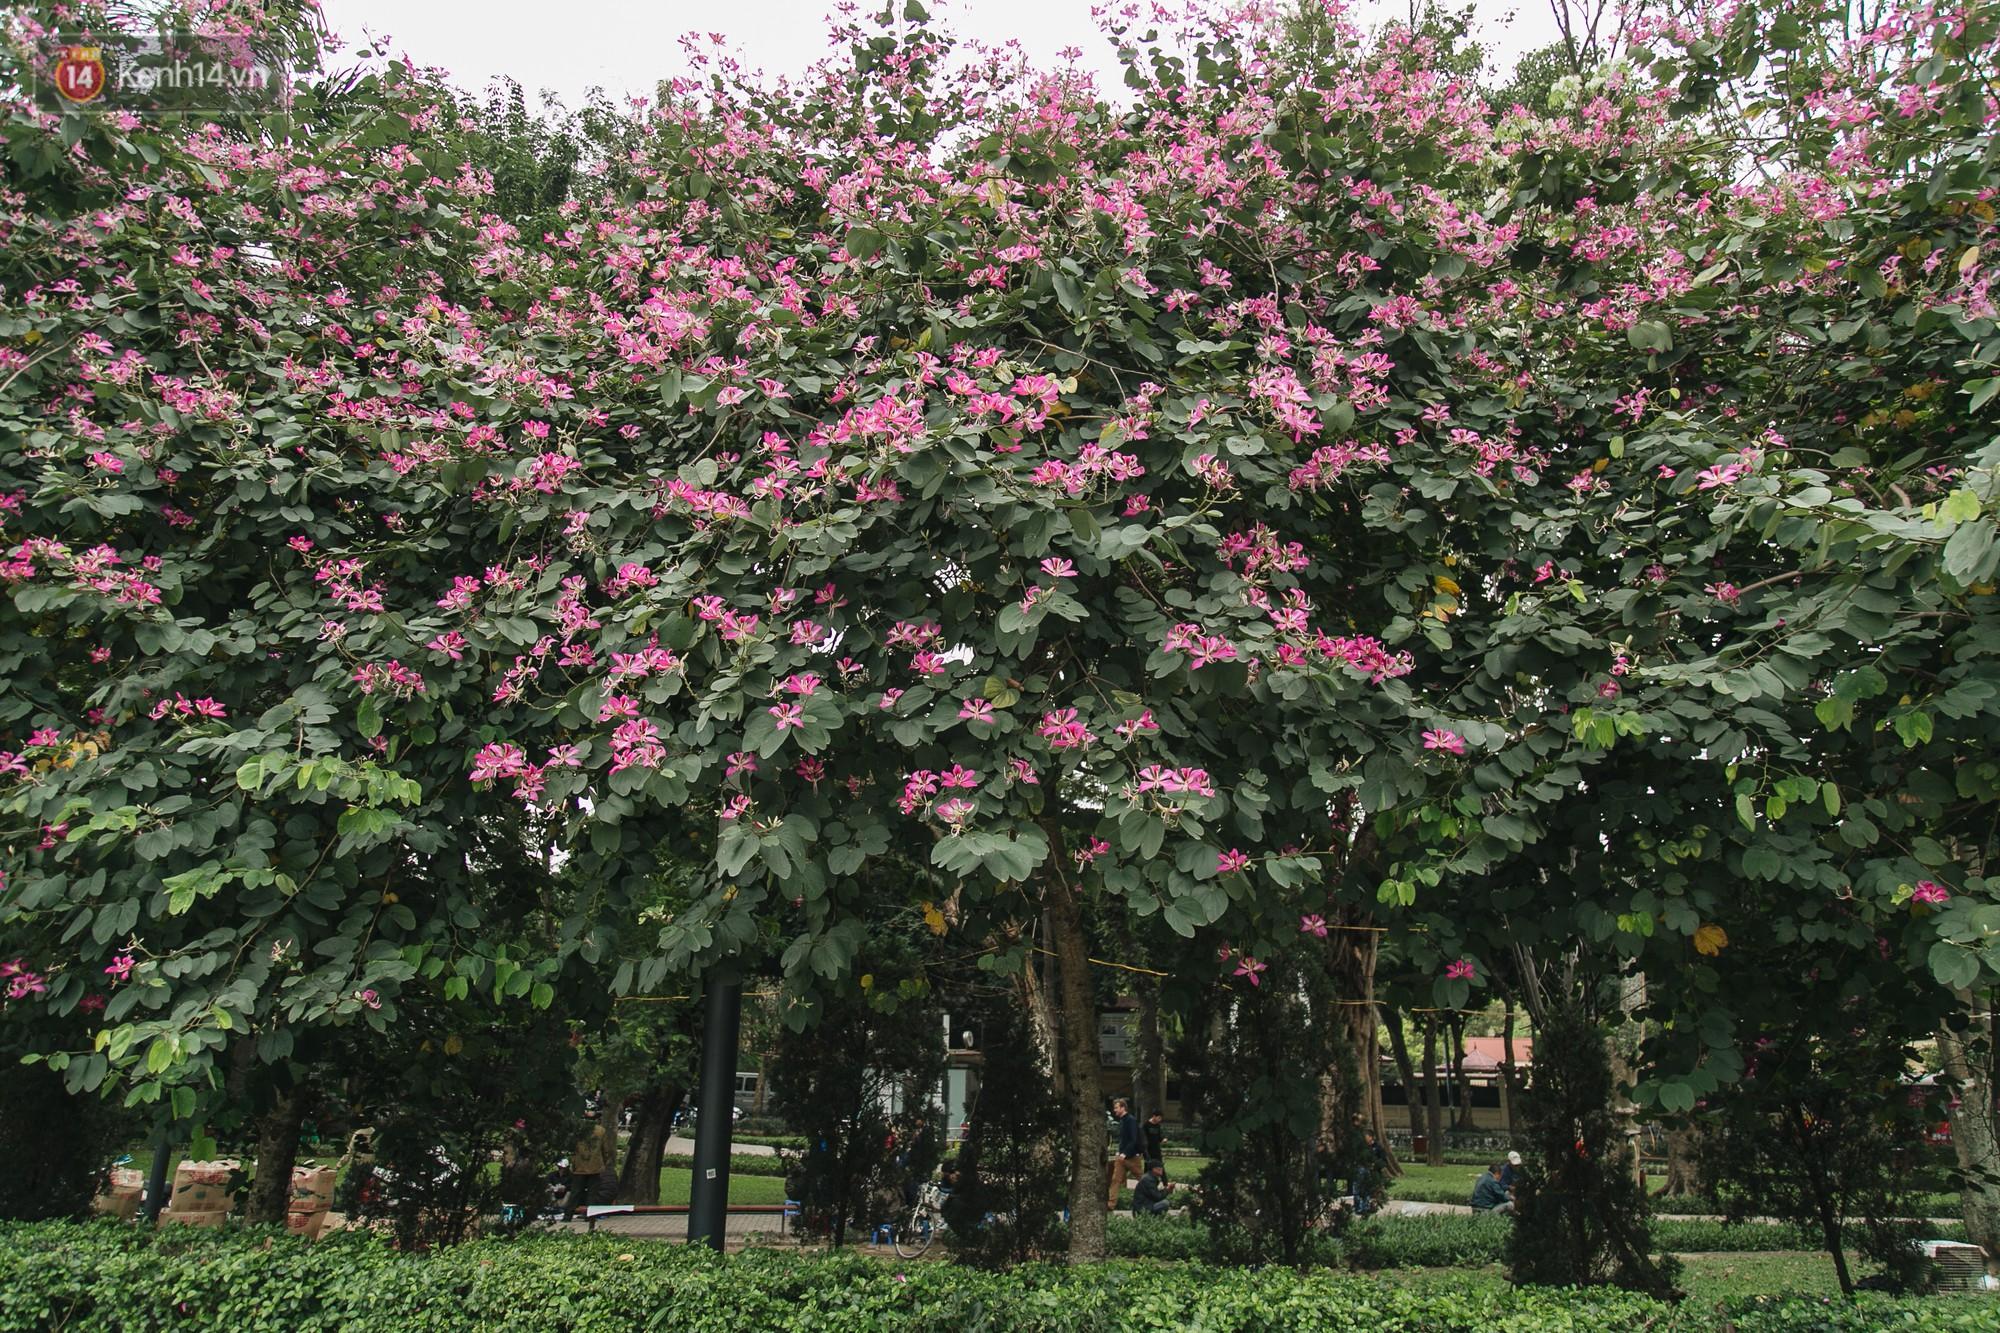 Không cần lên Tây Bắc, hoa ban vẫn bừng nở giữa đất trời Hà Nội cho người dân thỏa sức check-in - Ảnh 5.